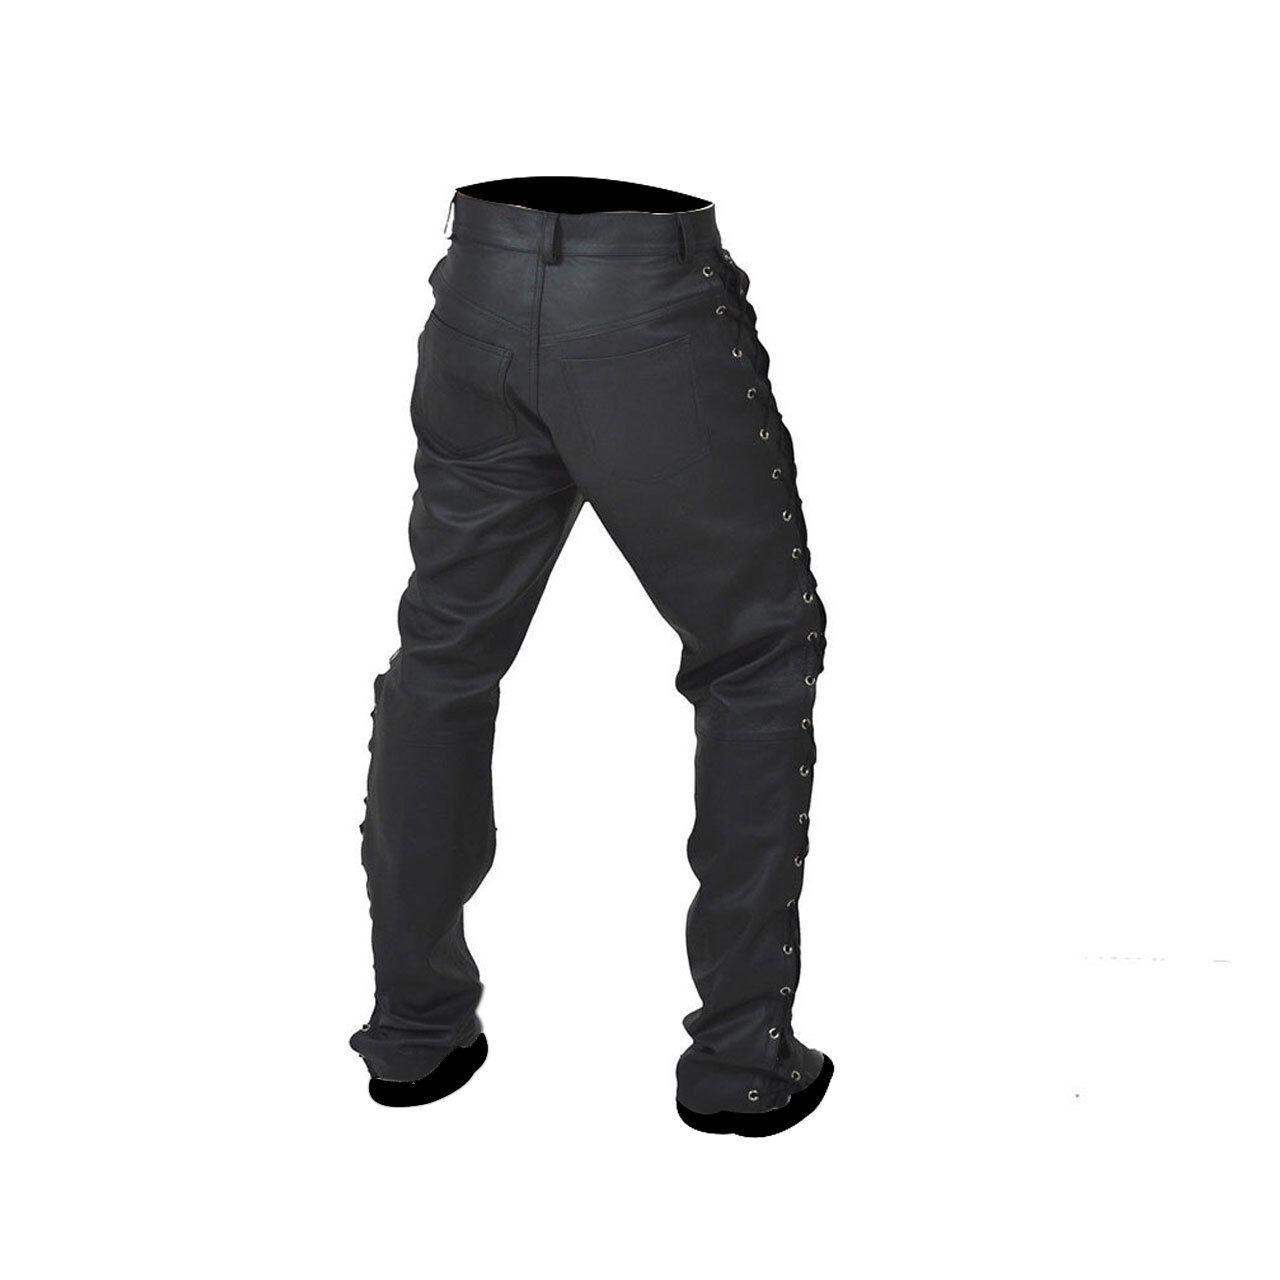 Hommes Sexy Motard Pantalon Authentique Cuir Noir Sexy Hommes Côté à Lacets Jeans Bluf Gay 346941